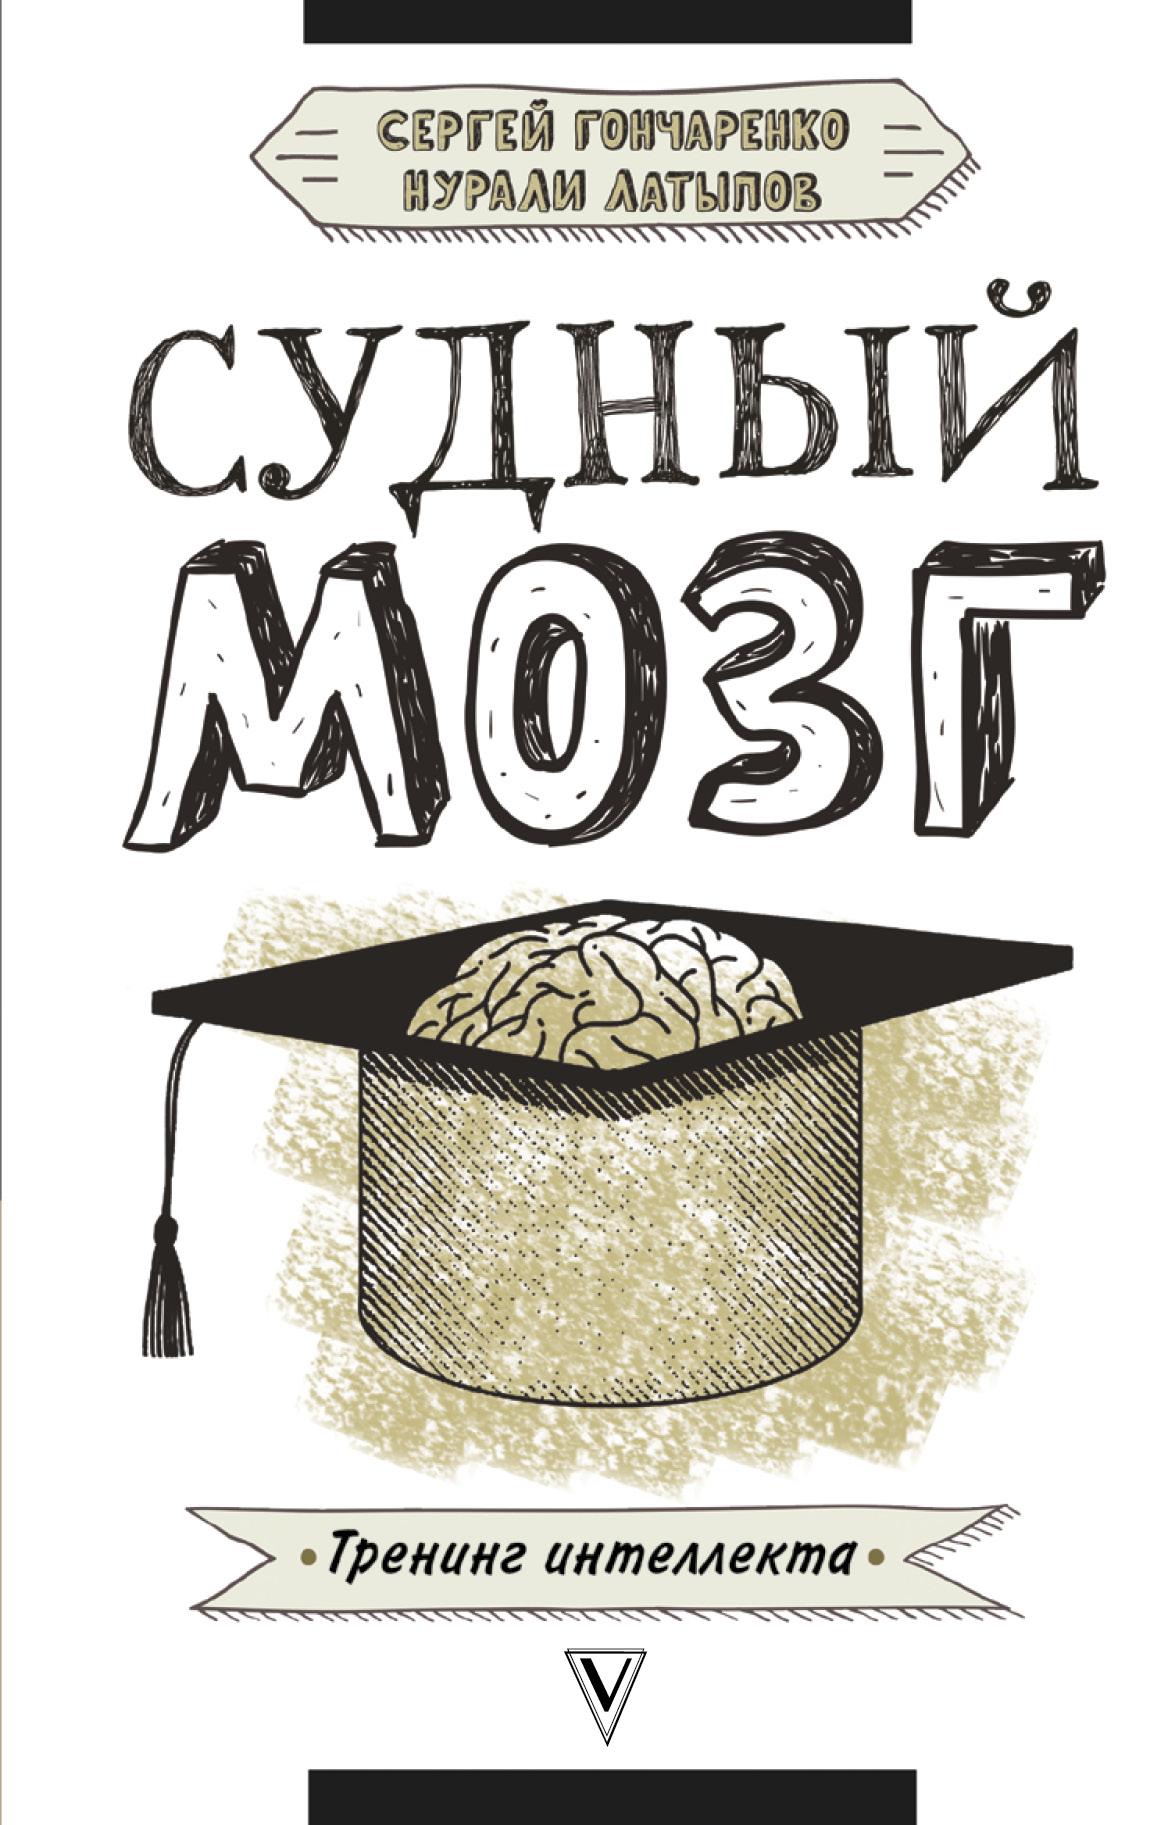 Судный мозг ( Гончаренко С.В., Латыпов Н.Н.  )